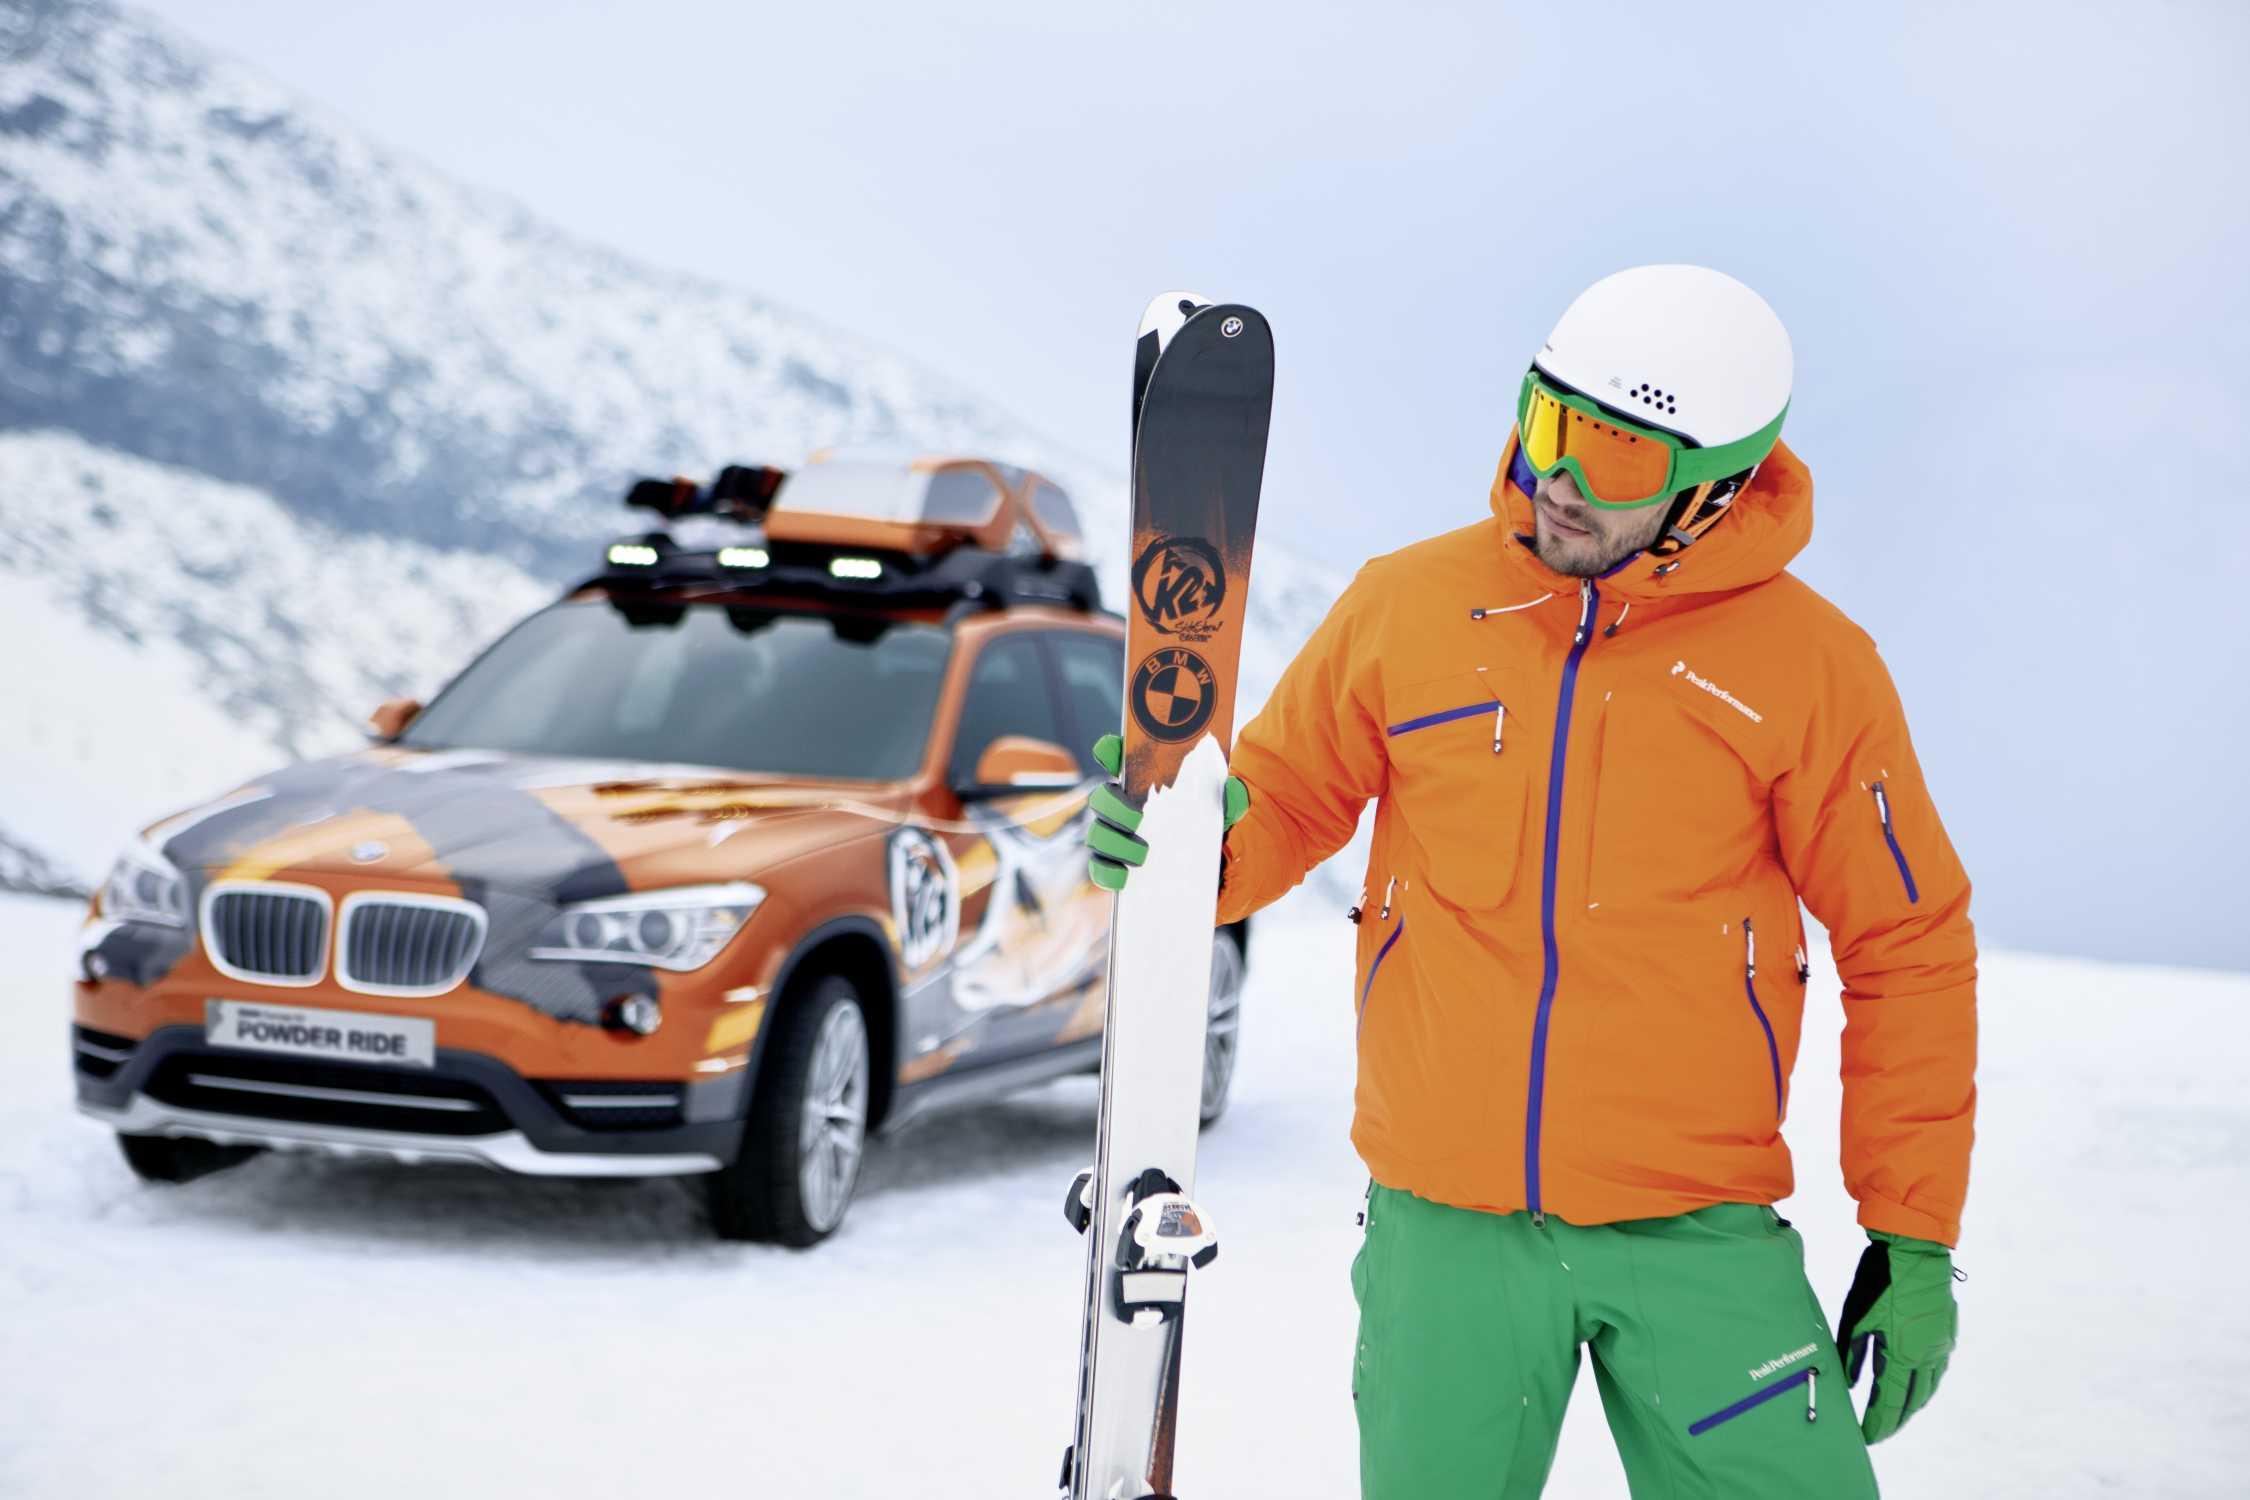 bmw group designworksusa and k2 bring new ski design on the slopes limited edition ski for. Black Bedroom Furniture Sets. Home Design Ideas